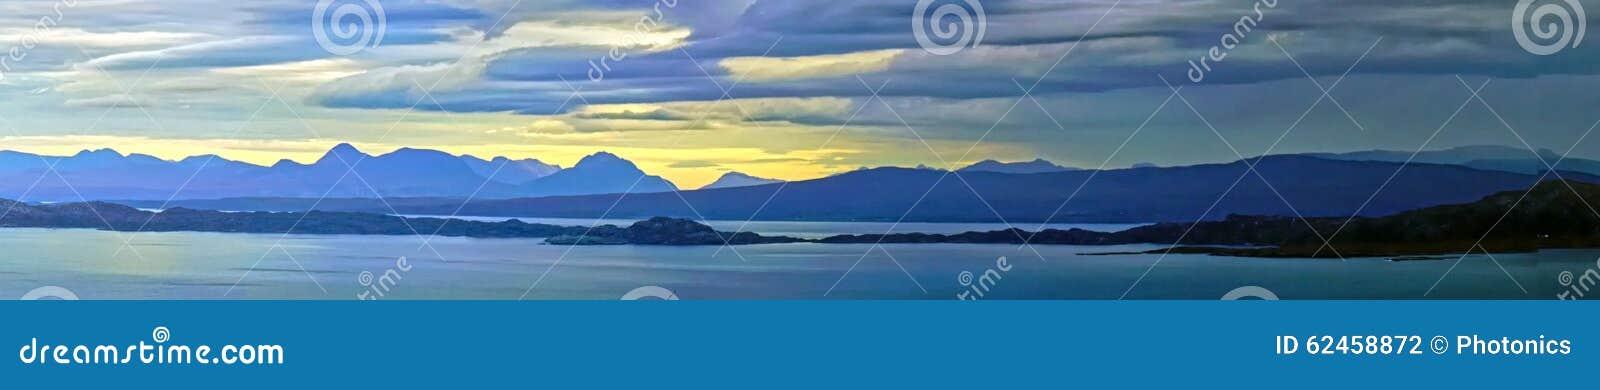 Îles écossaises de Skye dans le Hebrides